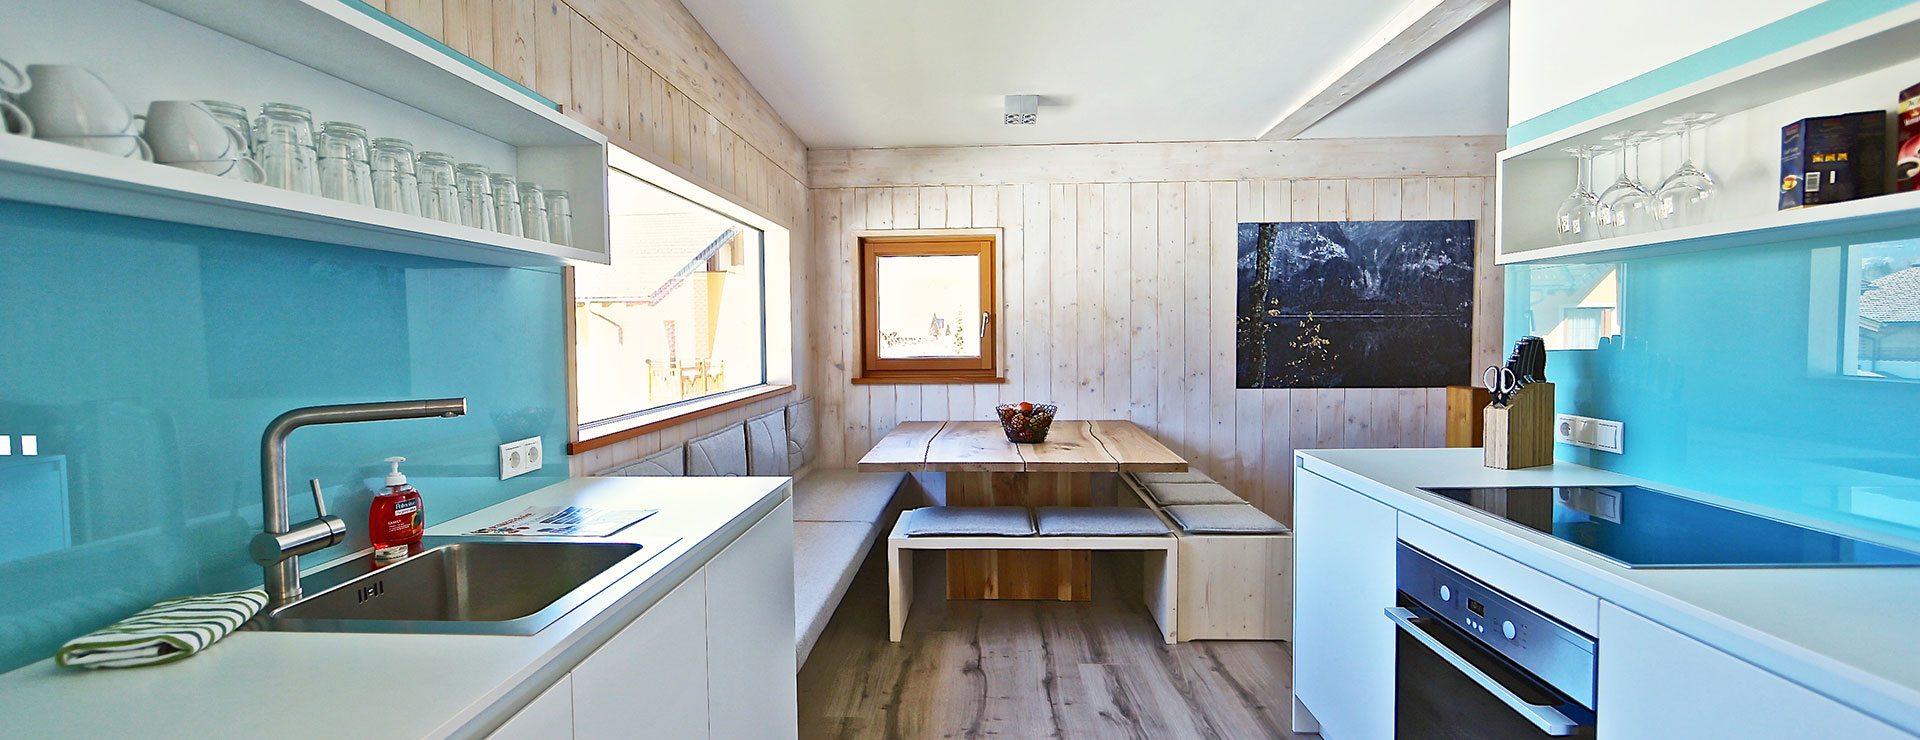 Küche - Design Ferienhaus Chalet Altenmarkt-Zauchensee, Ski amadé